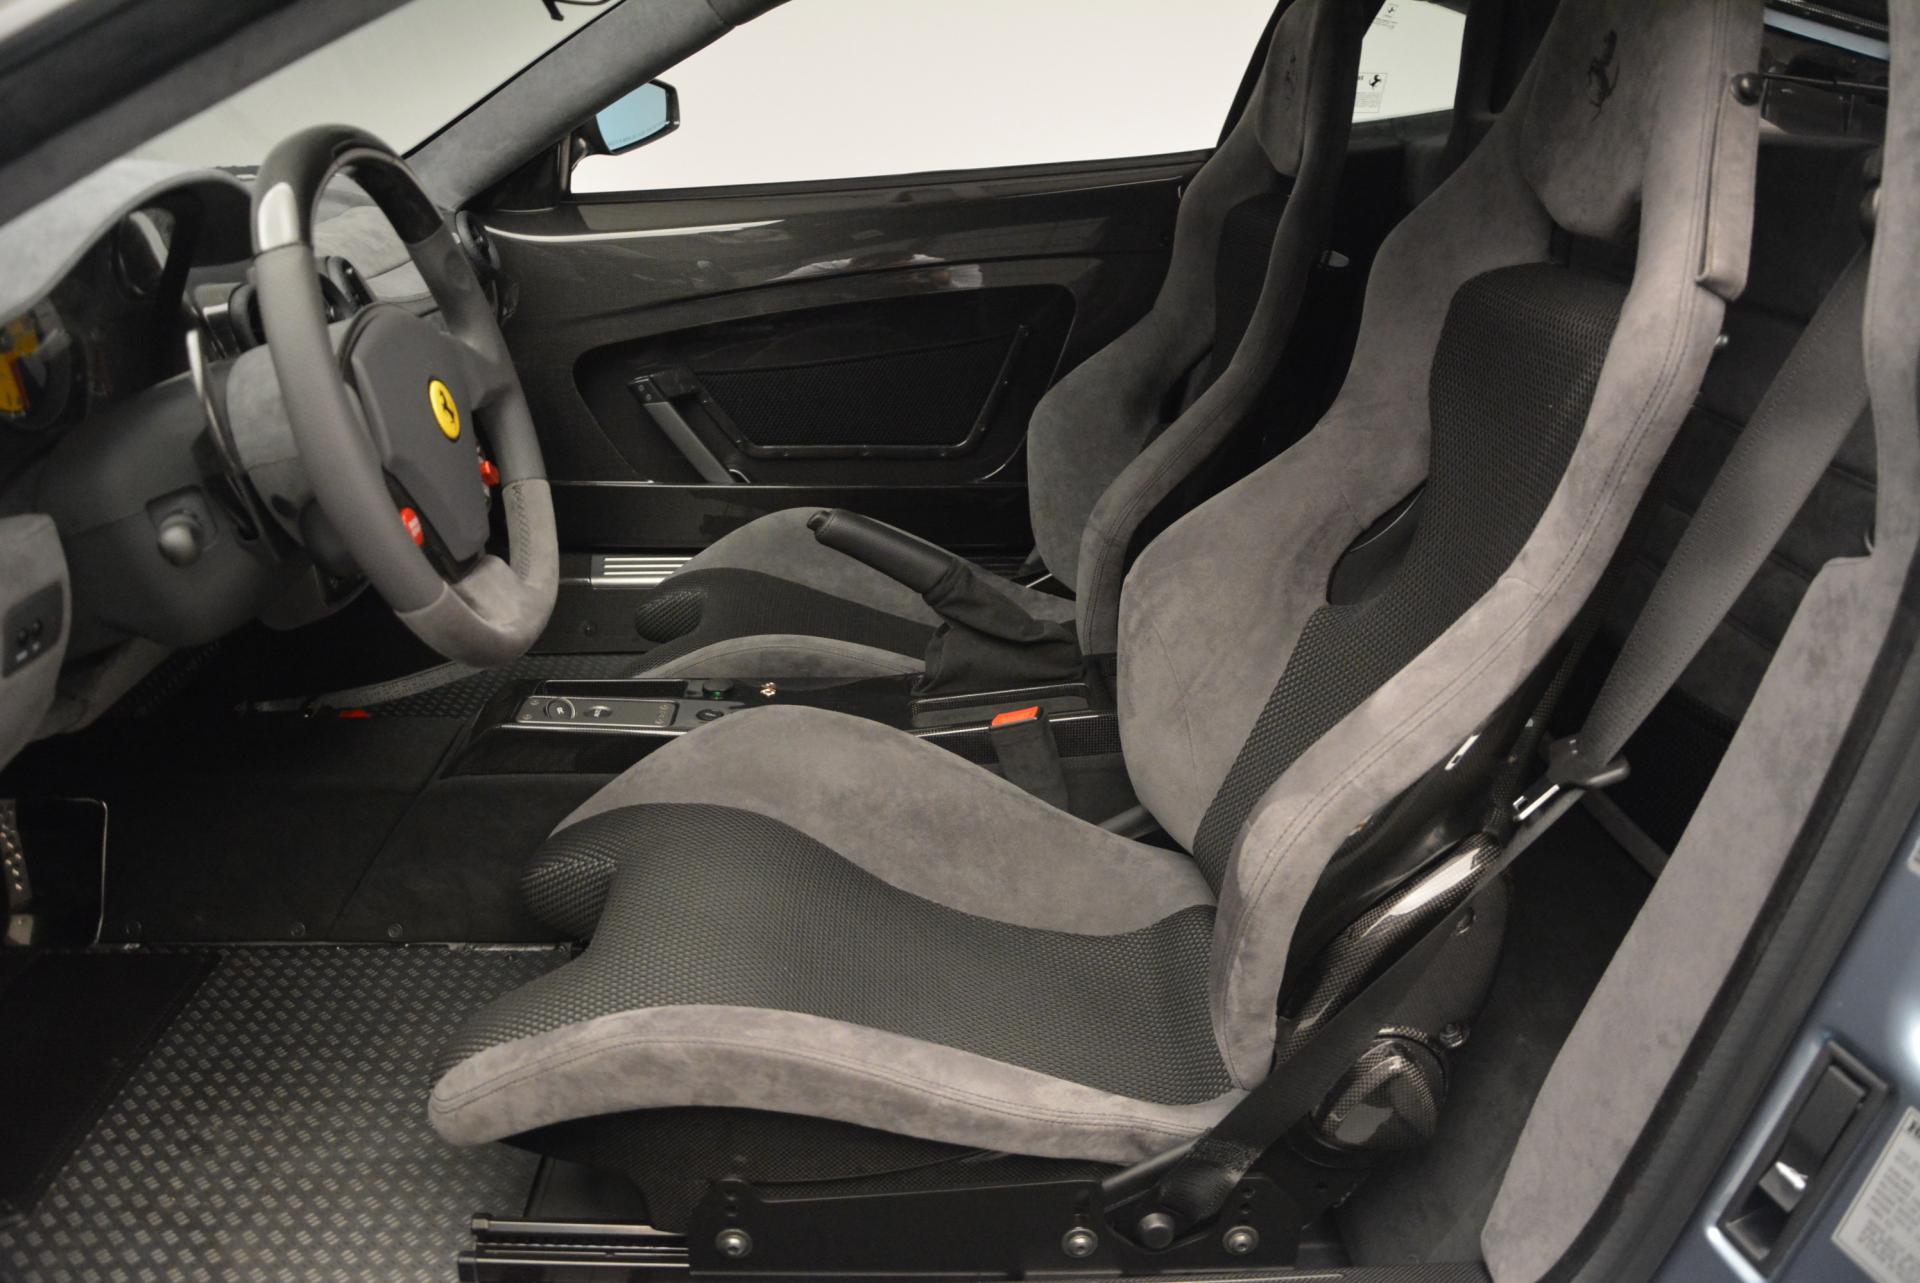 Used 2008 Ferrari F430 Scuderia For Sale In Westport, CT 146_p15